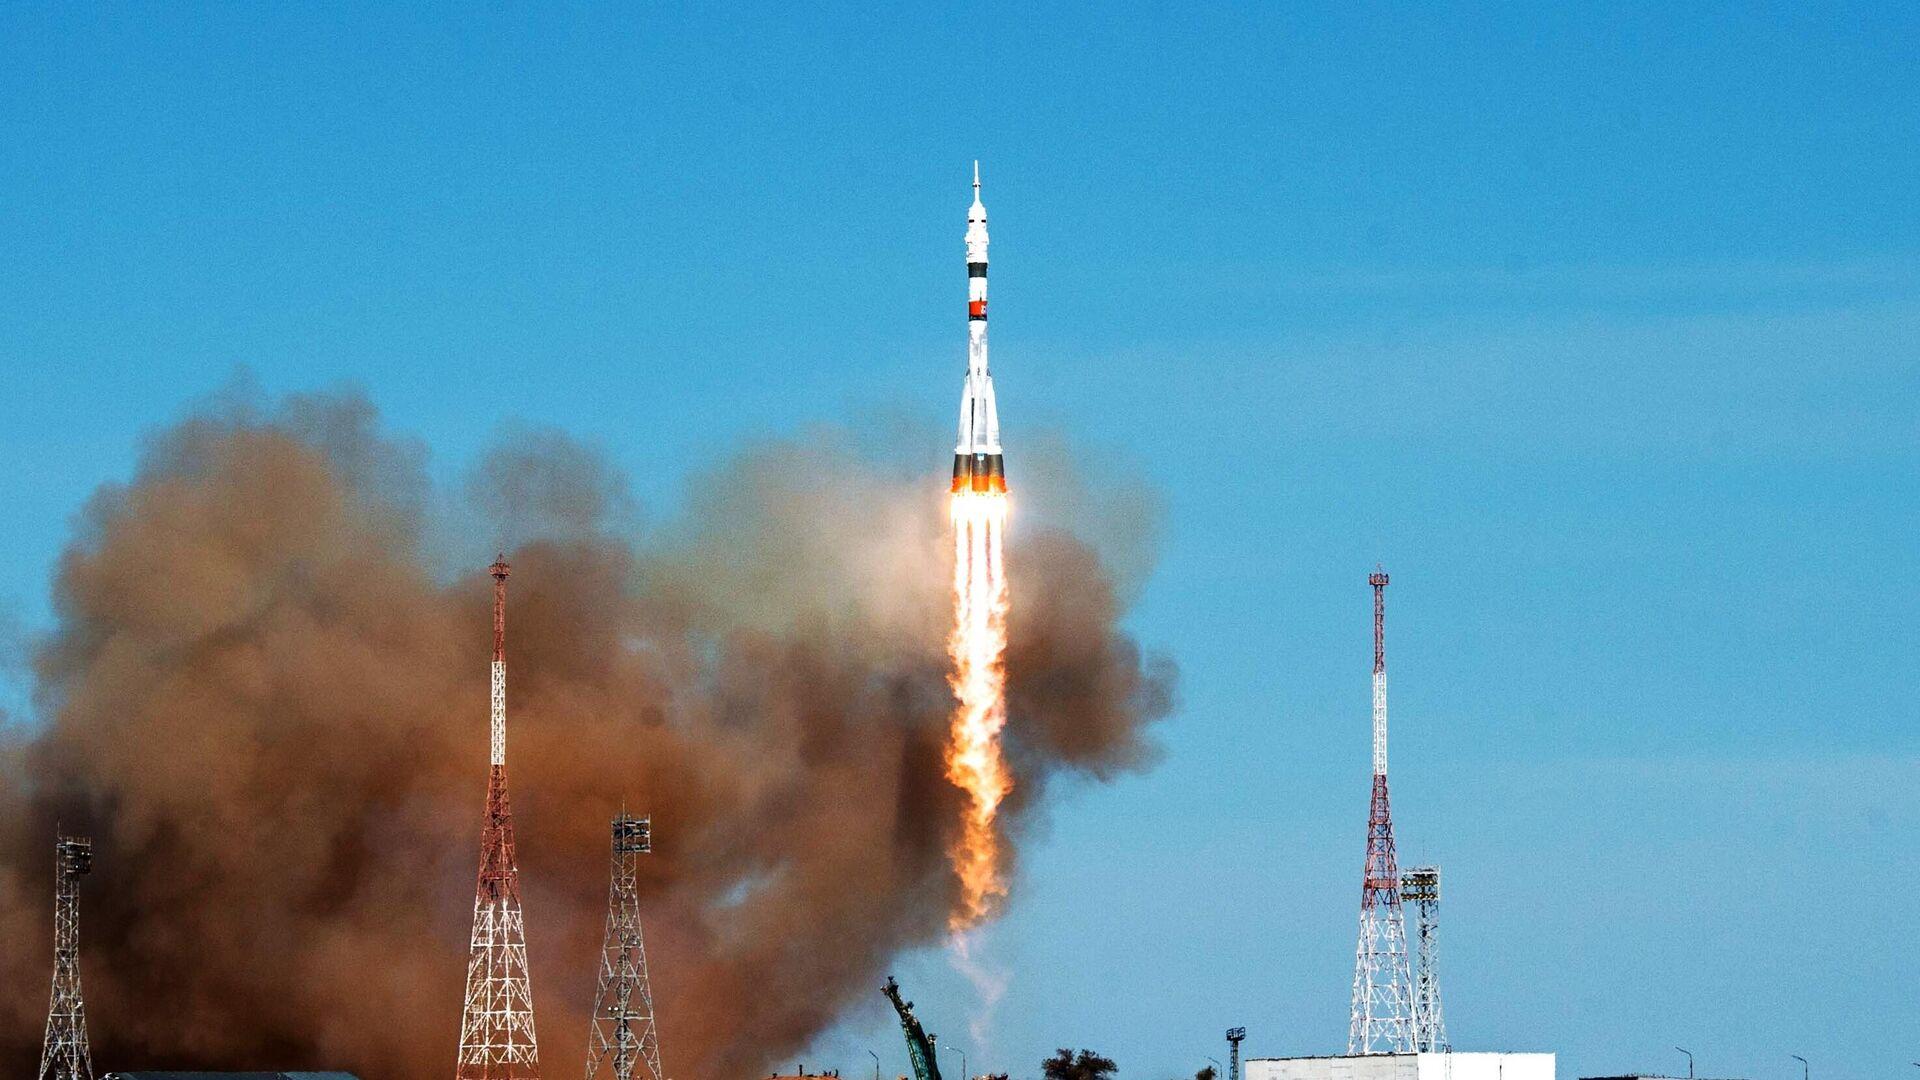 Запуск РН Союз-2-1а с кораблем Союз МС-17 с космодрома Байконур  - РИА Новости, 1920, 14.10.2020